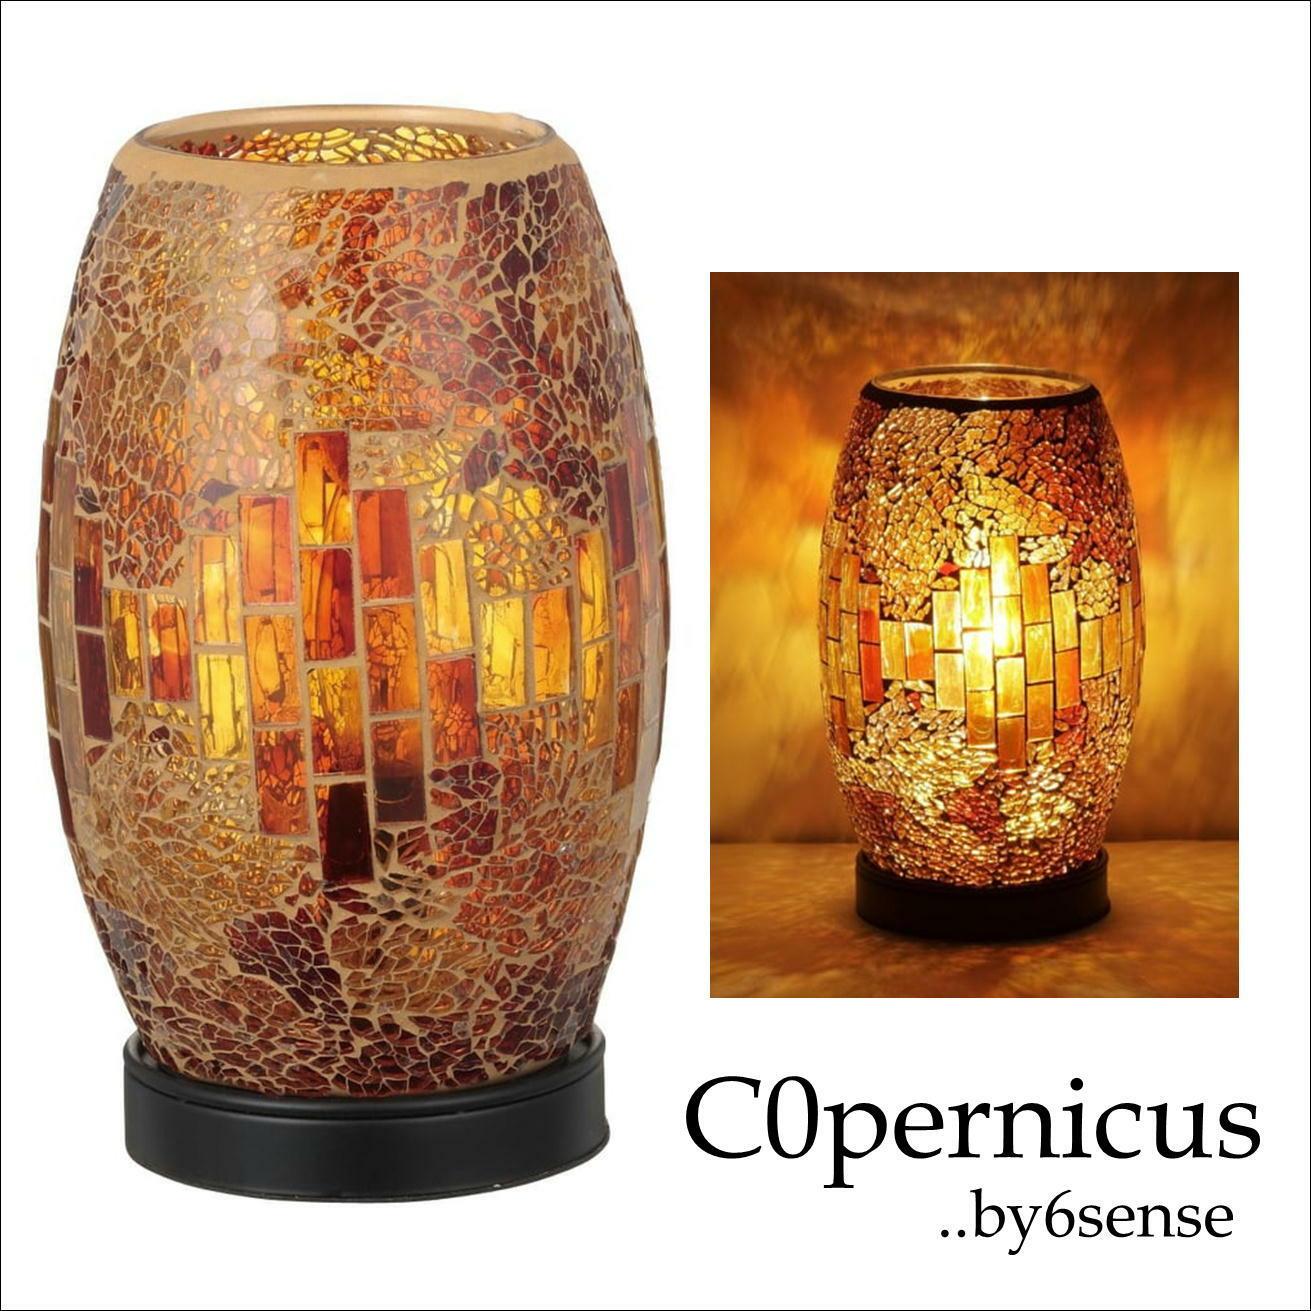 モザイクランプ amber クリムト風ランプ  浜松雑貨屋C0pernicus